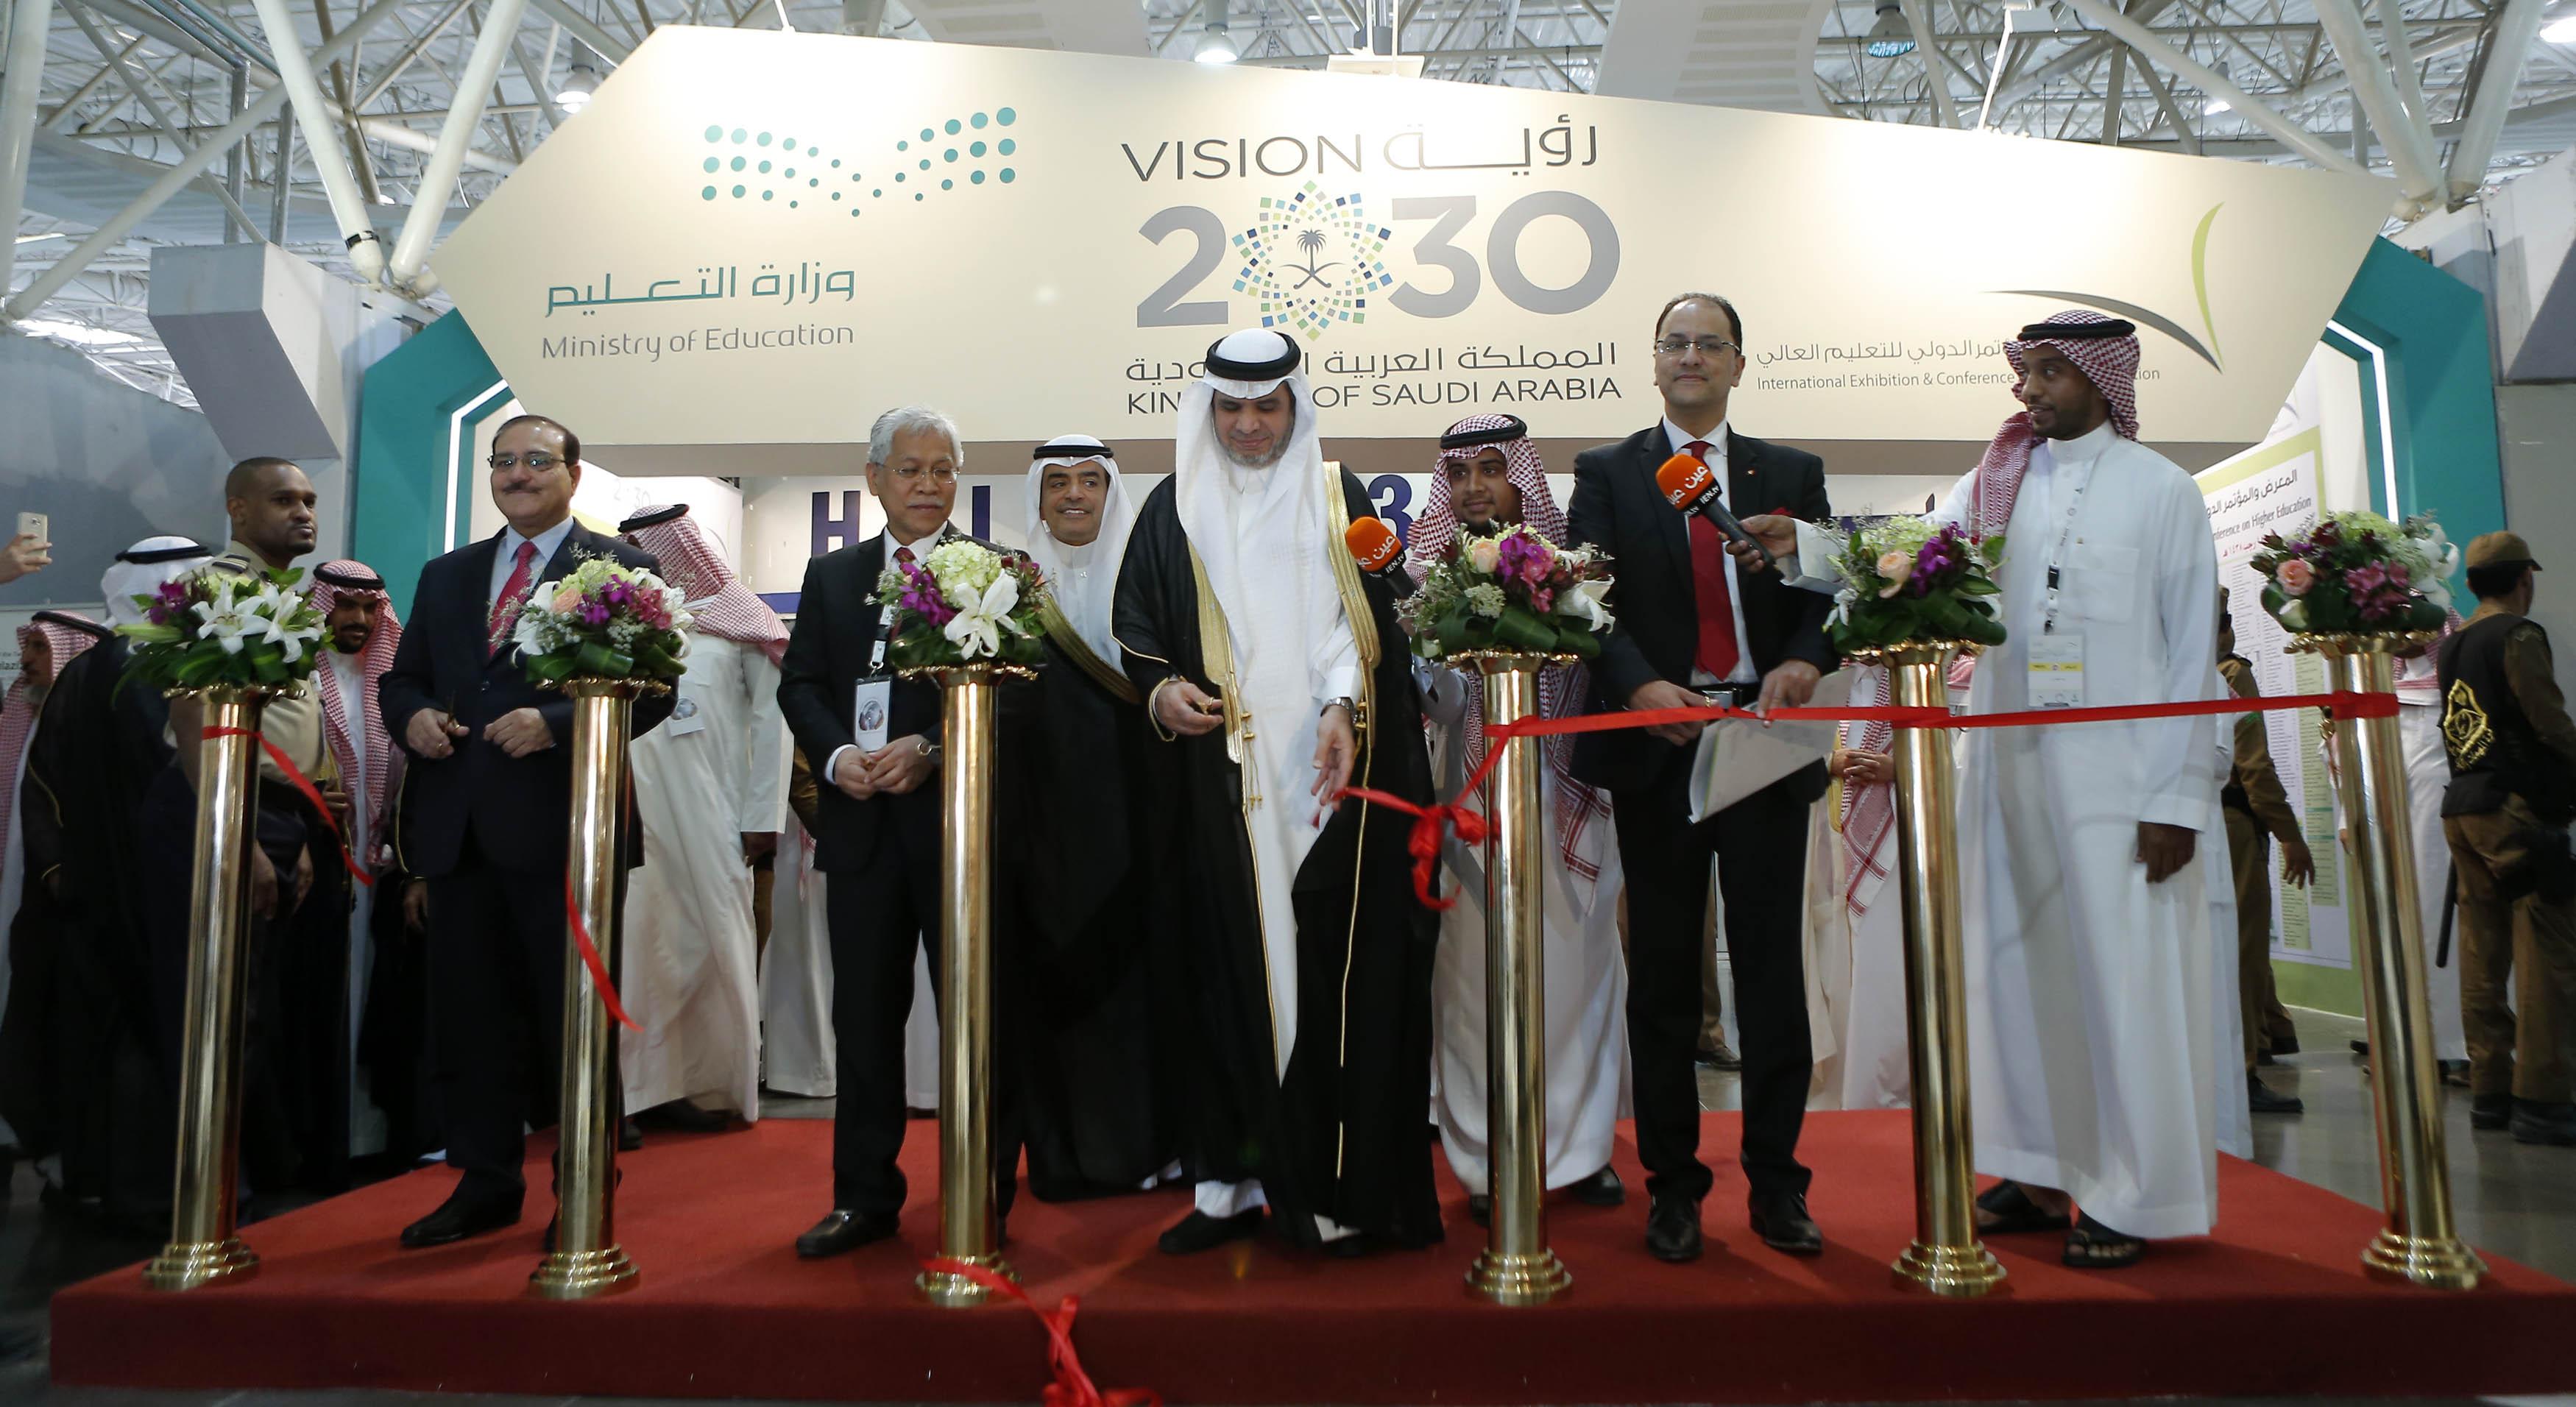 جامعة الملك سعود تشارك في المعرض والمؤتمر الدولي للتعليم العالي